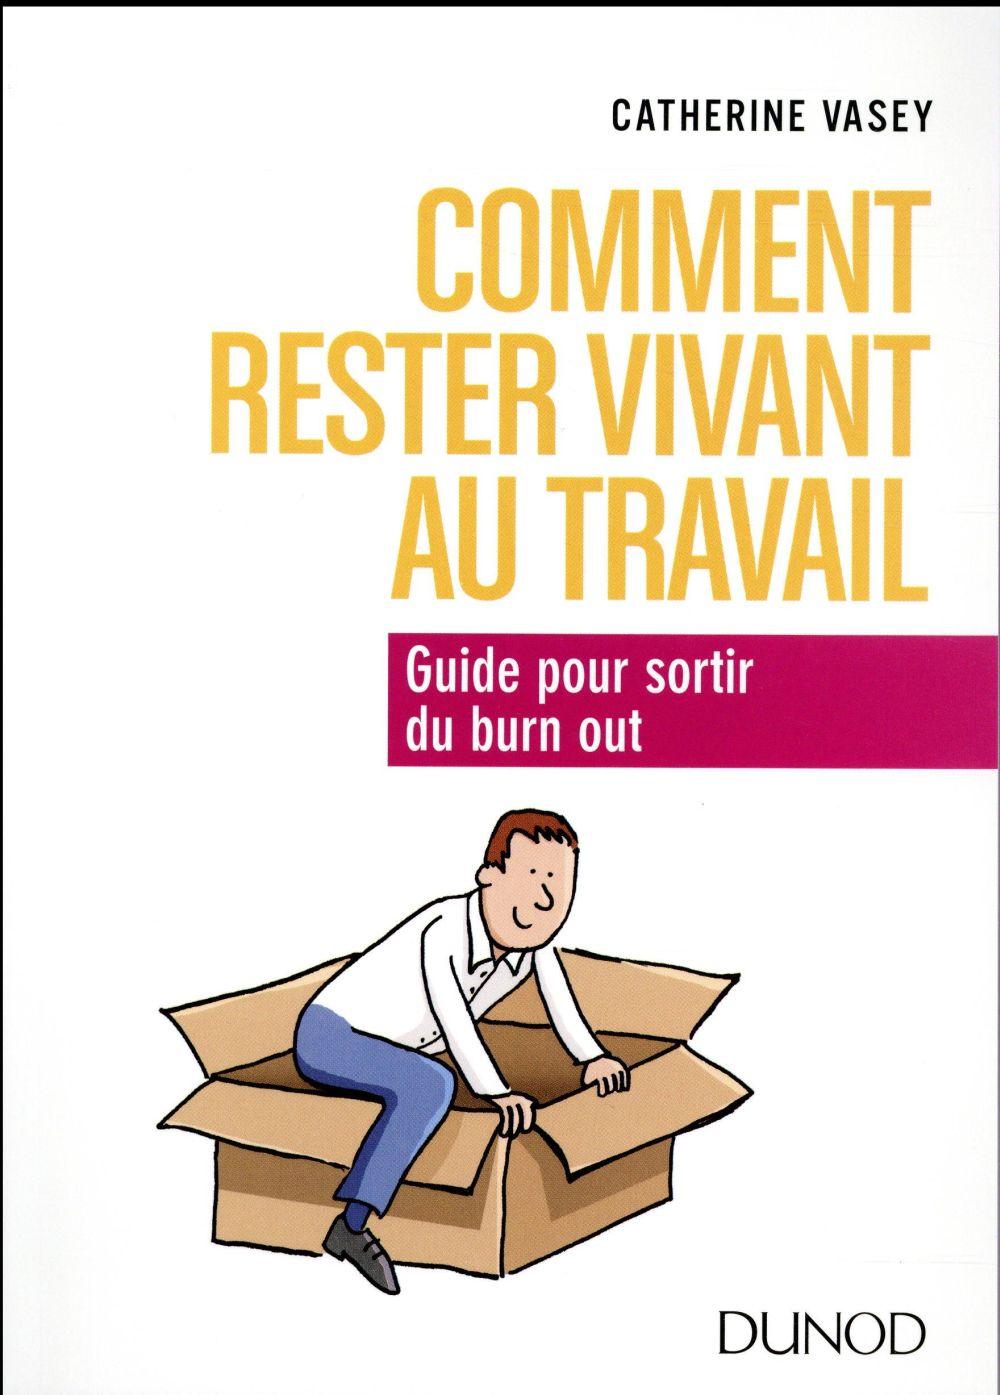 COMMENT RESTER VIVANT AU TRAVAIL  -  GUIDE POUR SORTIR DU BURN OUT VASEY CATHERINE DUNOD